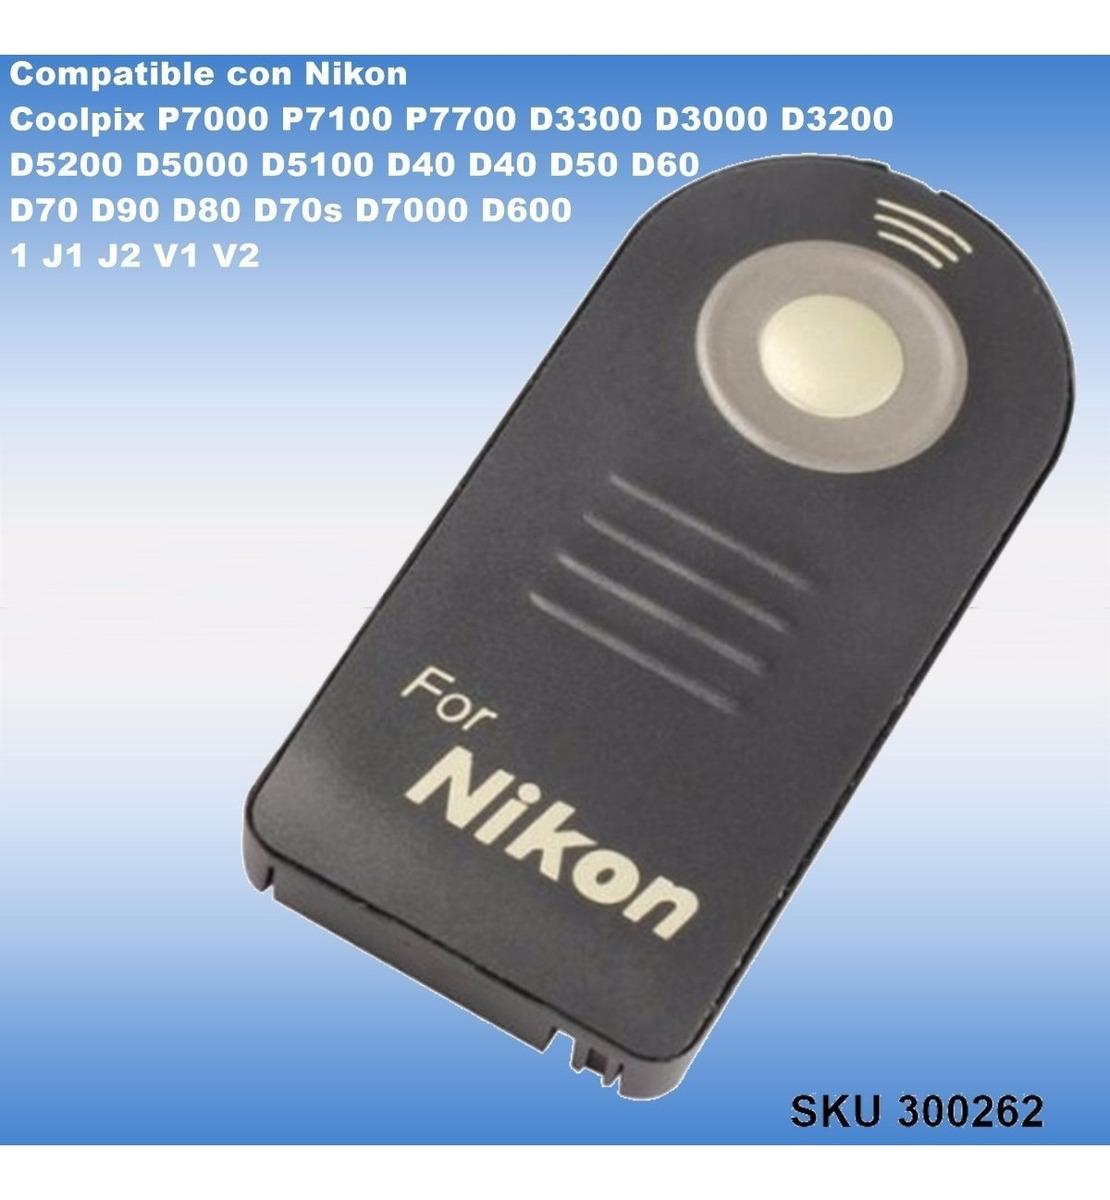 Mando Compatible Nikon Control Remoto D600 D610 D90 D80 D60 D50 D40 D70S D80